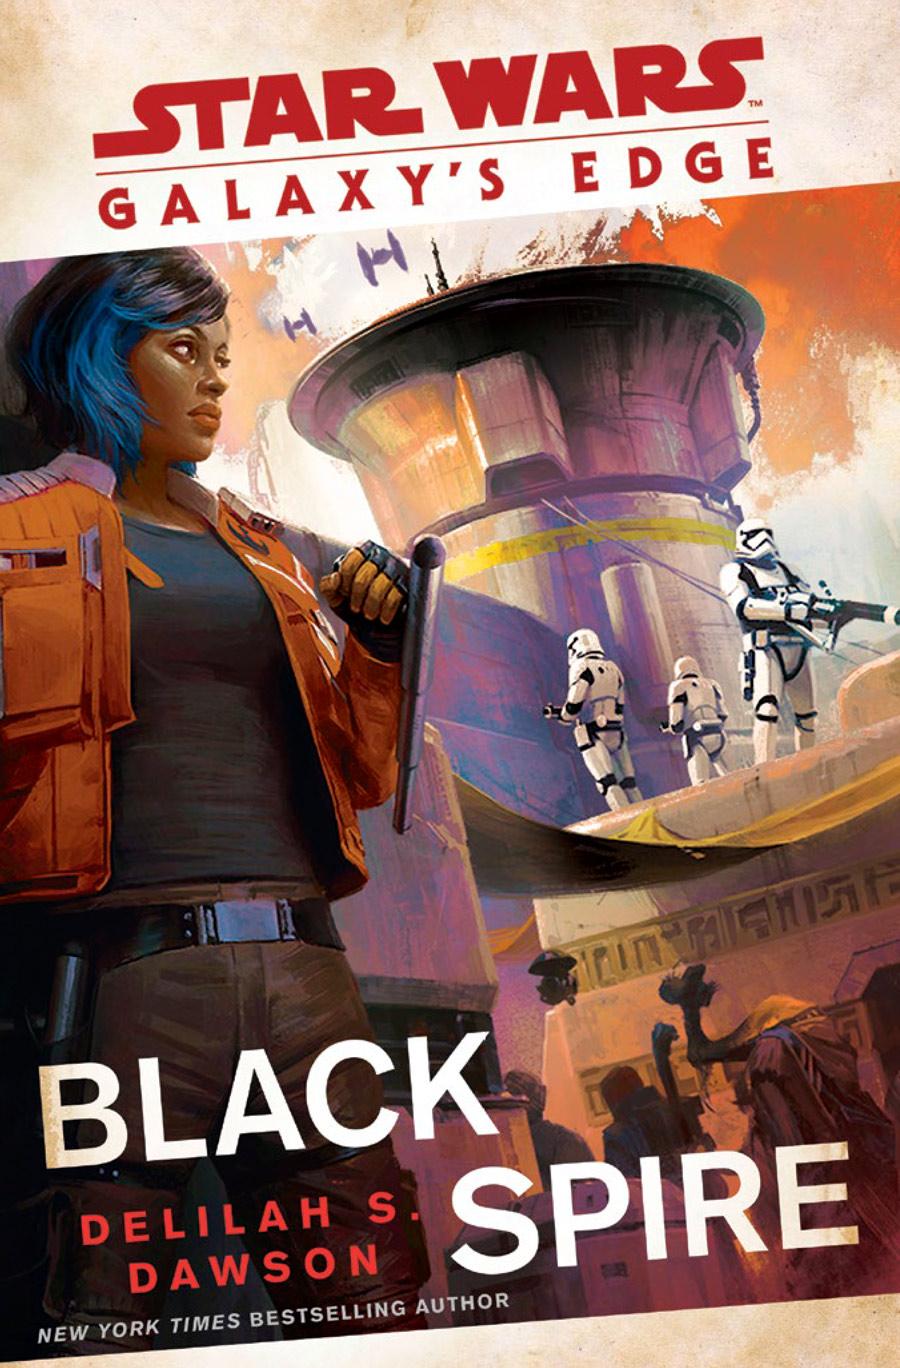 Galaxy's Edge: Black Spire cover